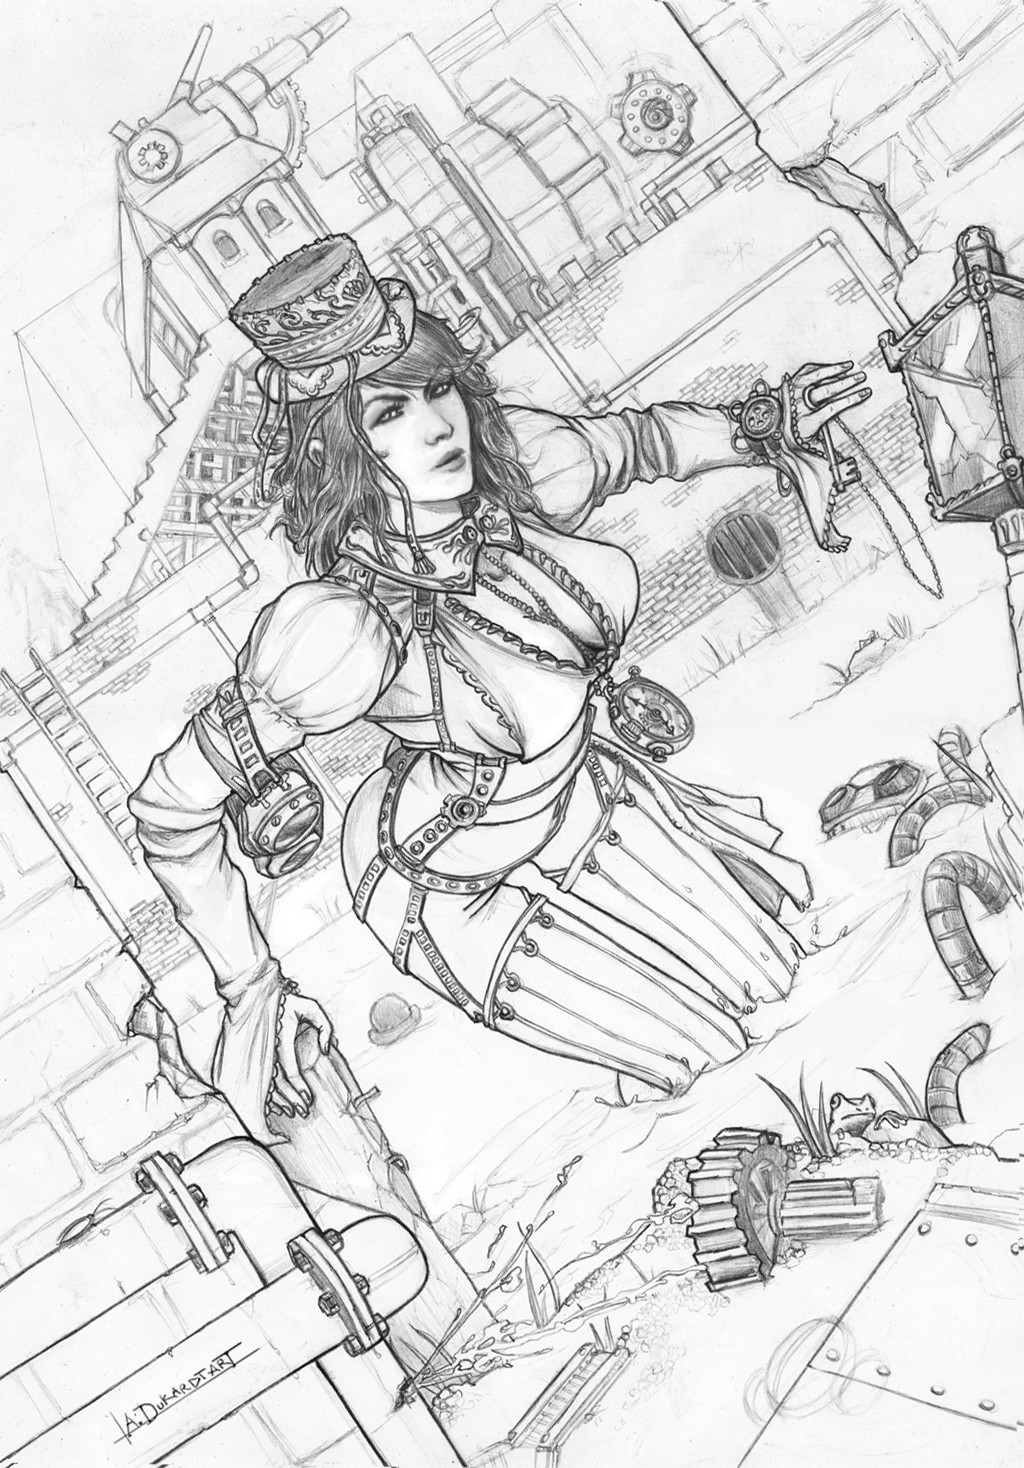 Alan dukardt steampunk lineart girl